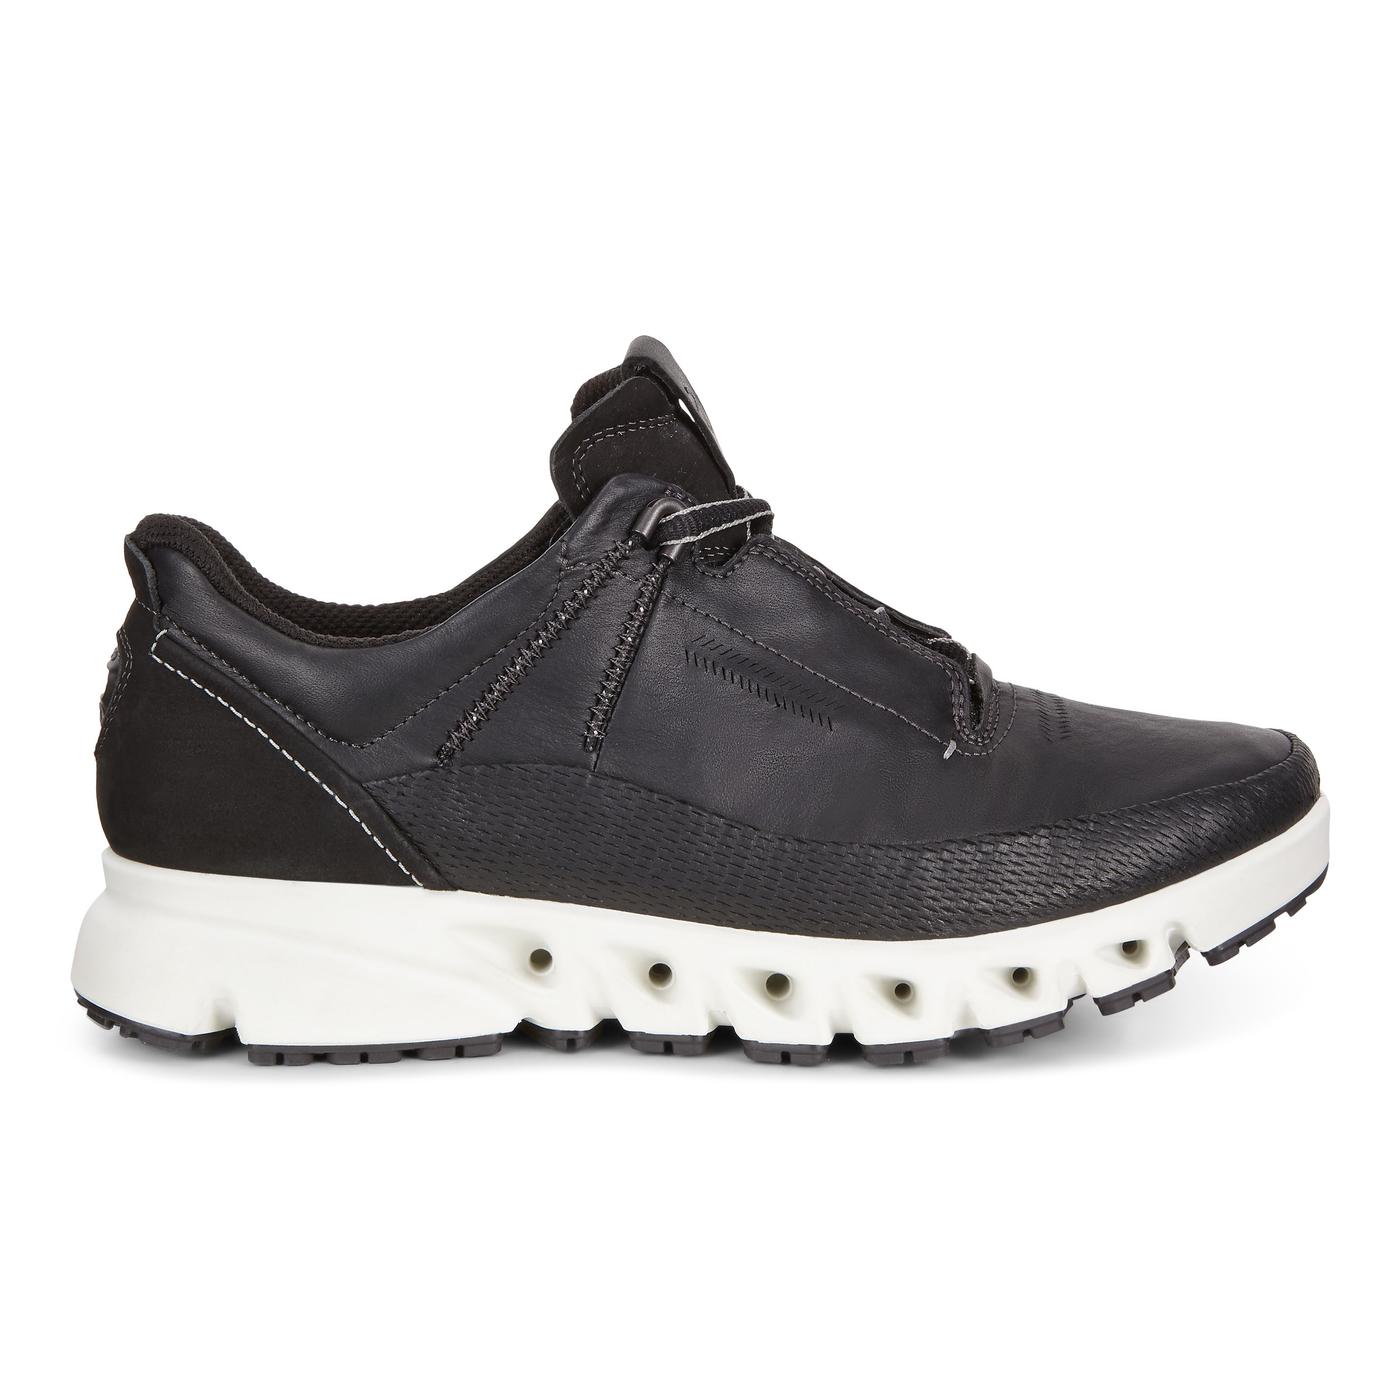 ECCO OMNI-VENT. Outdoor Shoe